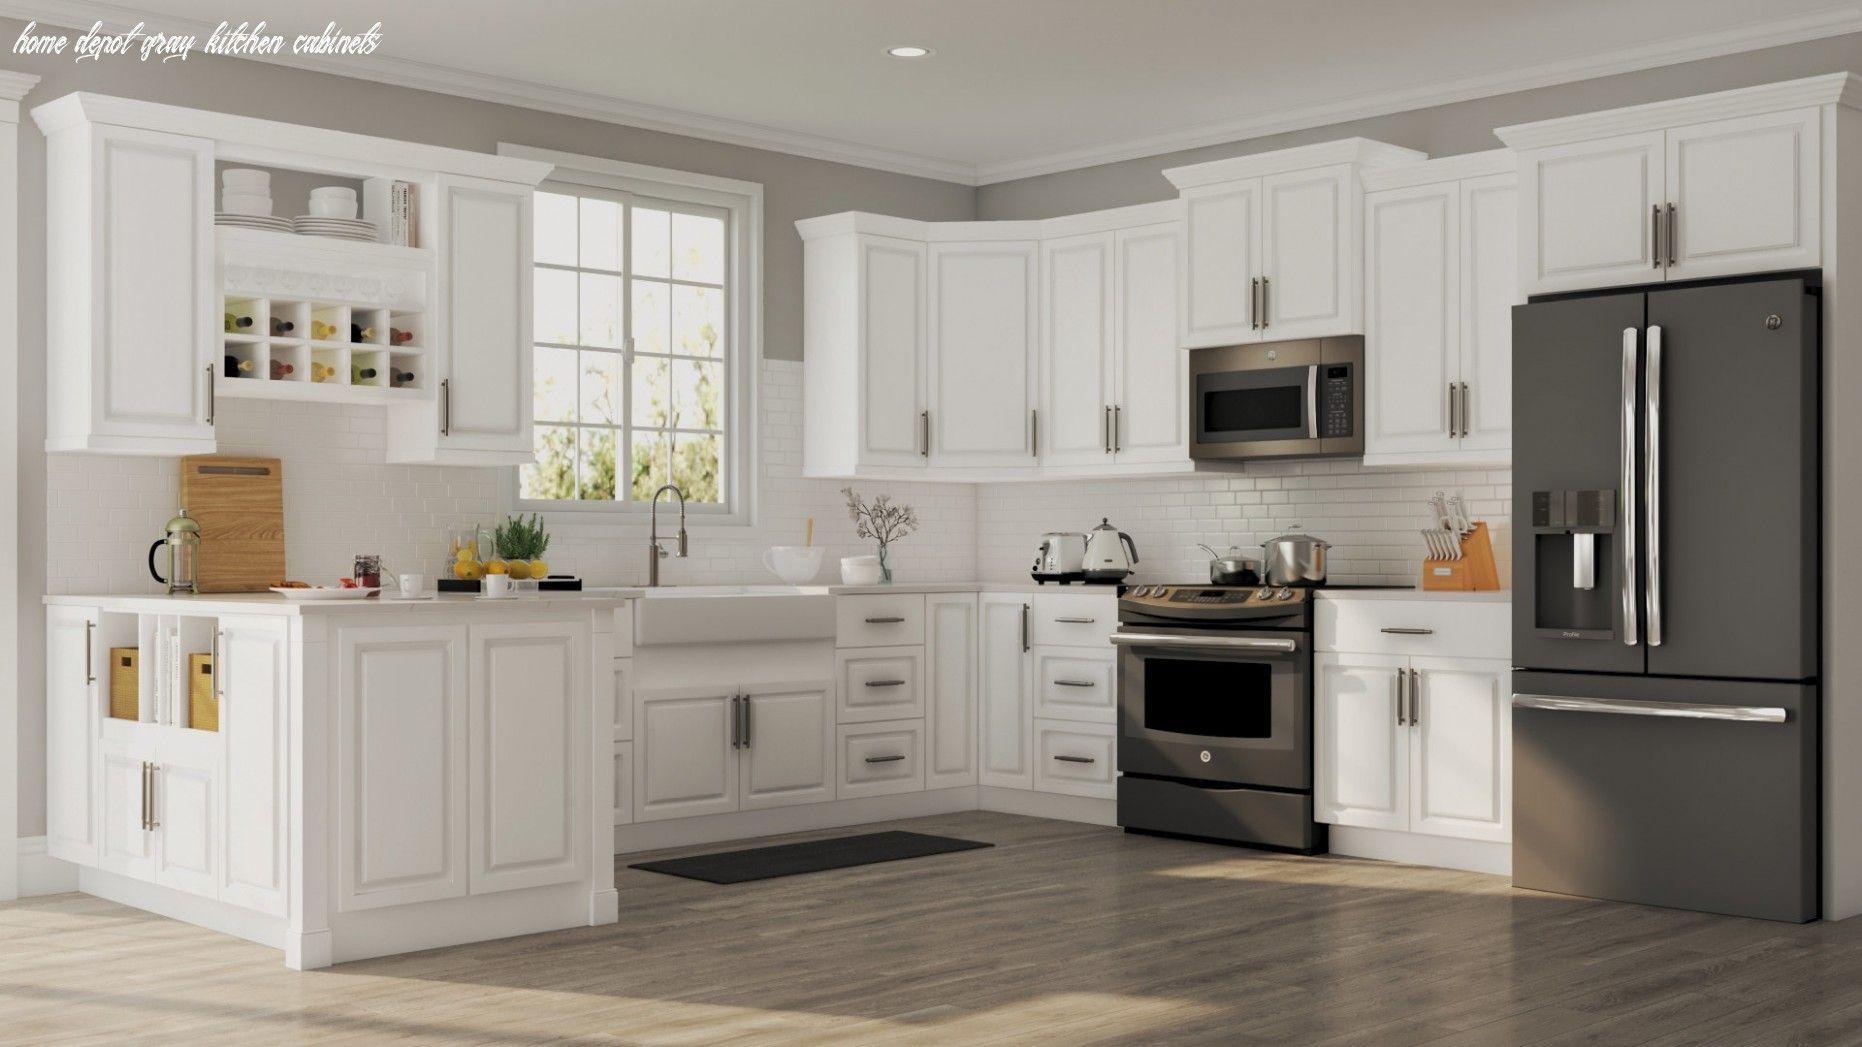 15 Home Depot Gray Kitchen Cabinets En 2020 Armoire De Cuisine Idee Deco Cuisine Cuisine